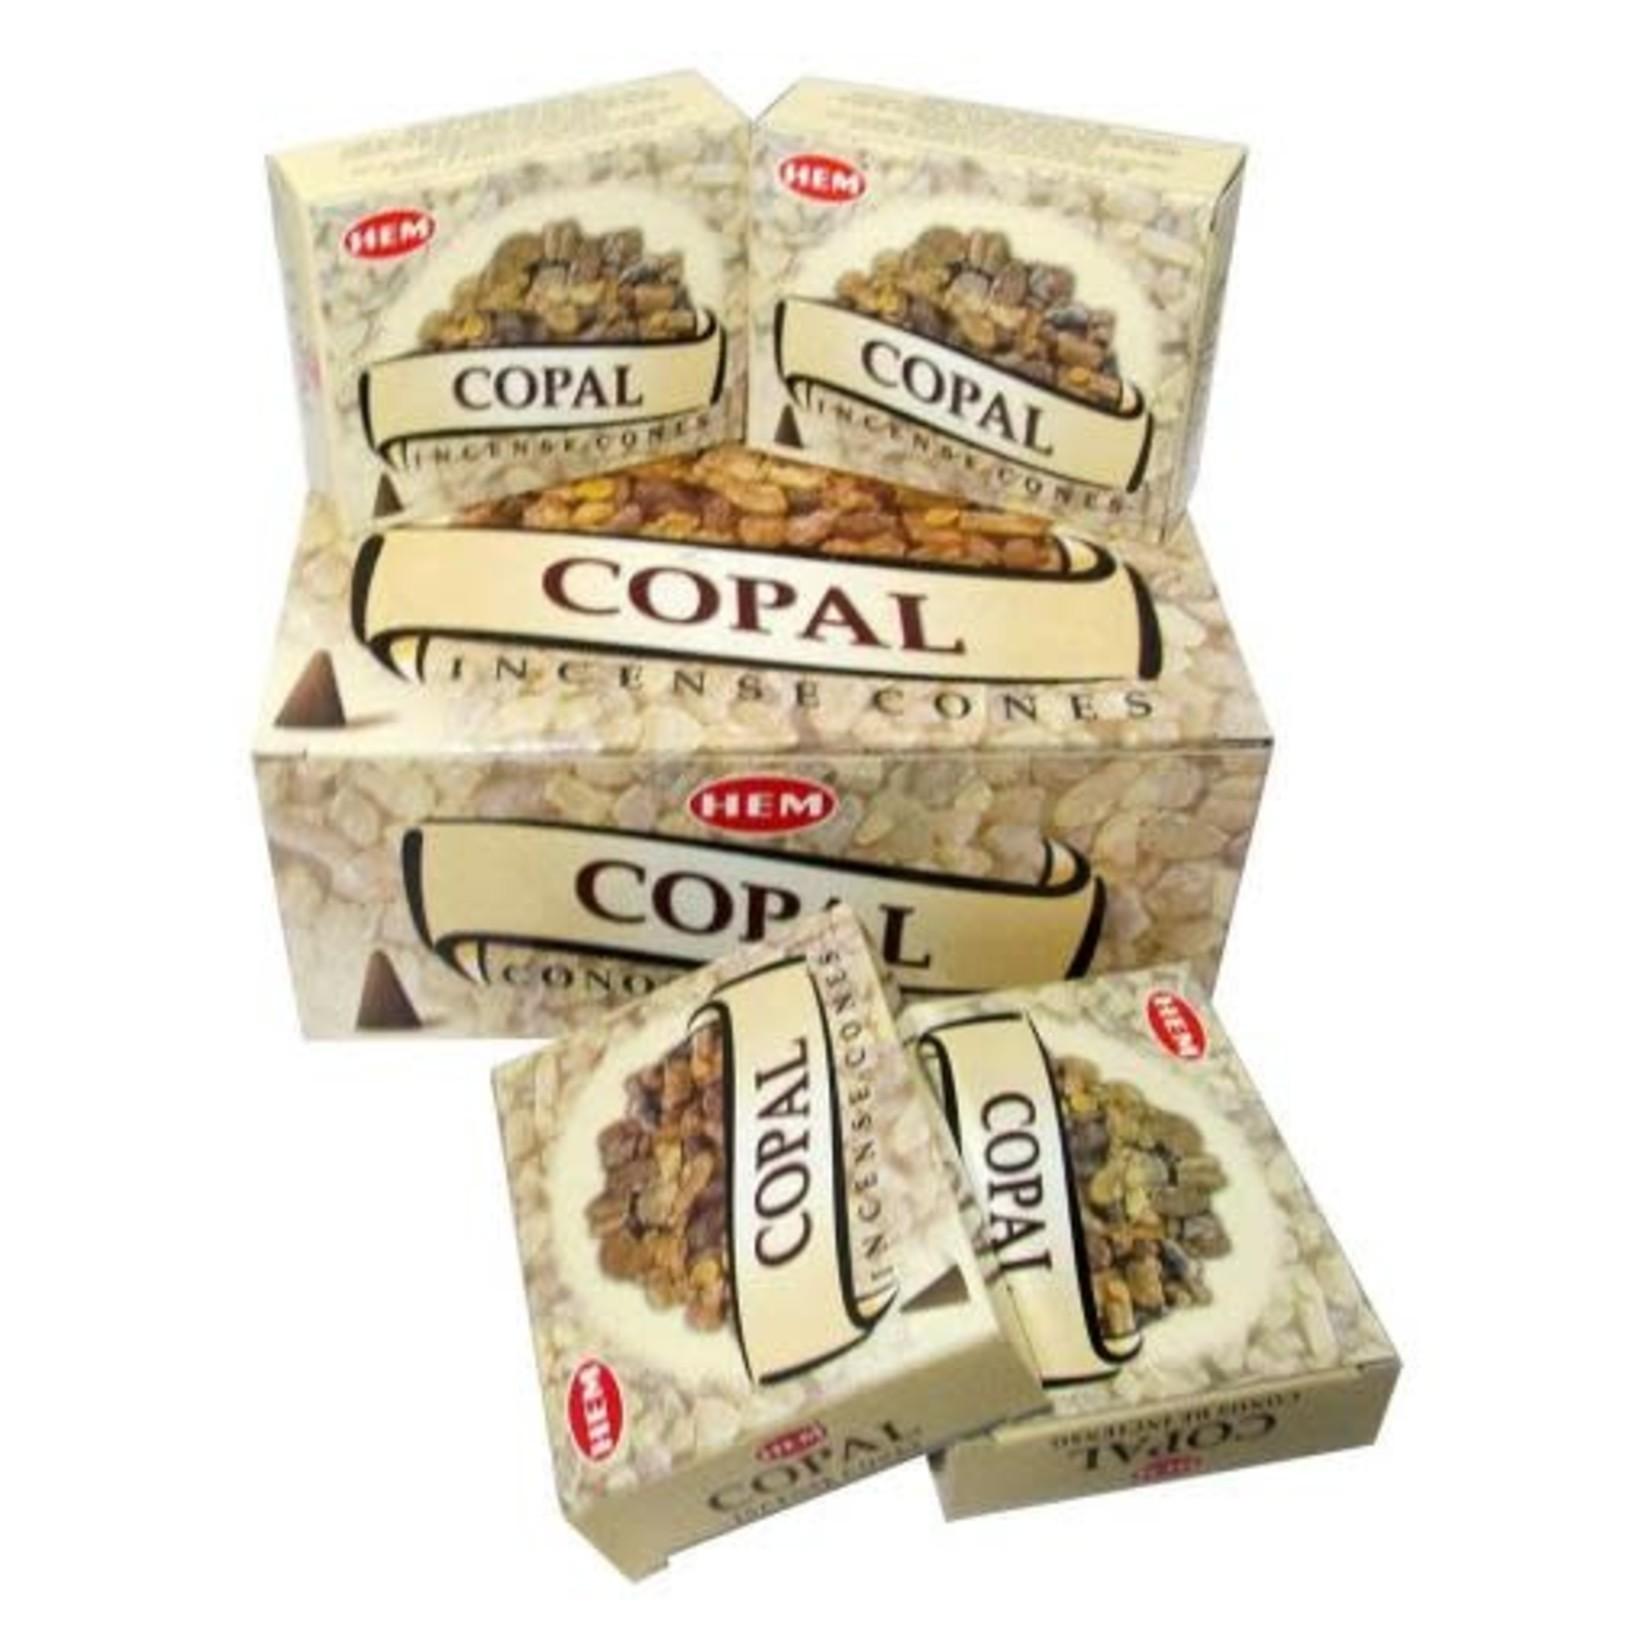 Copal Cones